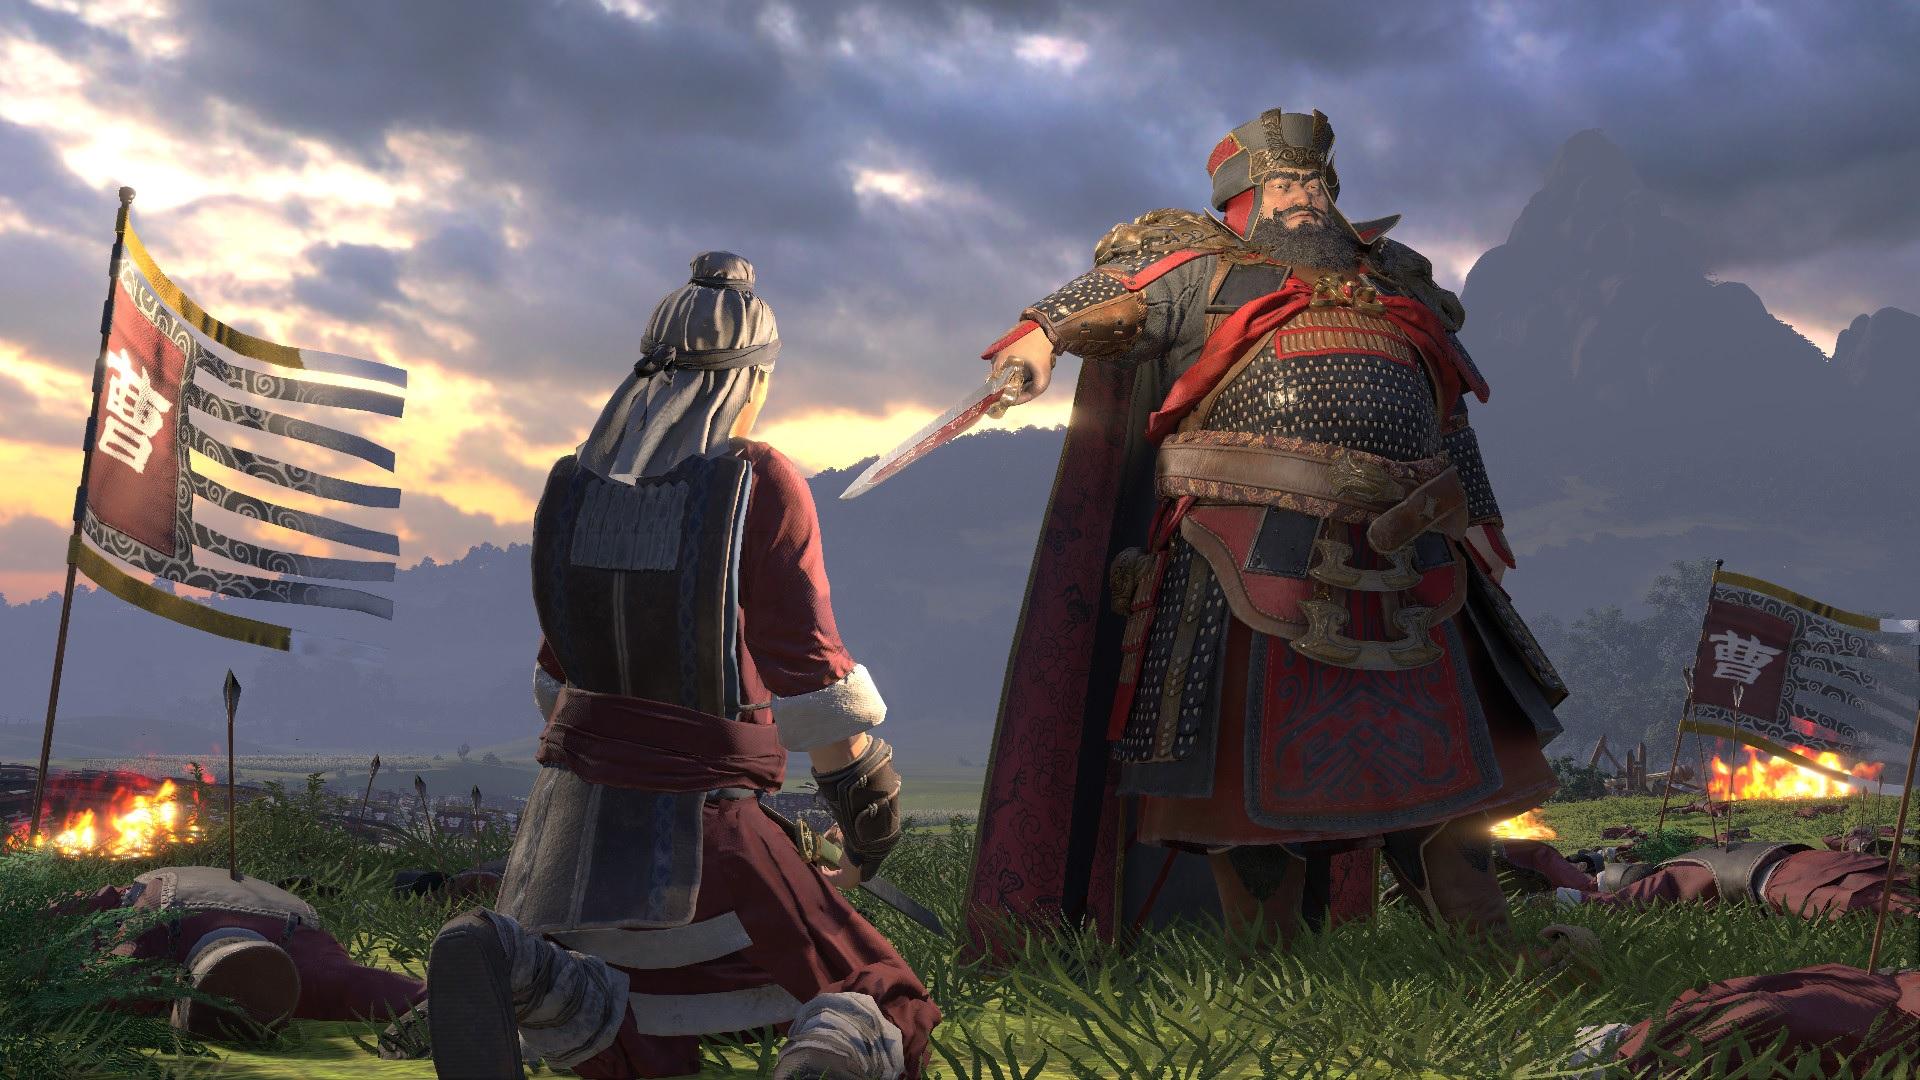 NetEase publiera Total War en Chine, en commençant par le nouveau jeu de cartes Elysium  NetEase publiera Total War en Chine, en commençant par le nouveau jeu de cartes Elysium total war three kingdoms dong zhuo